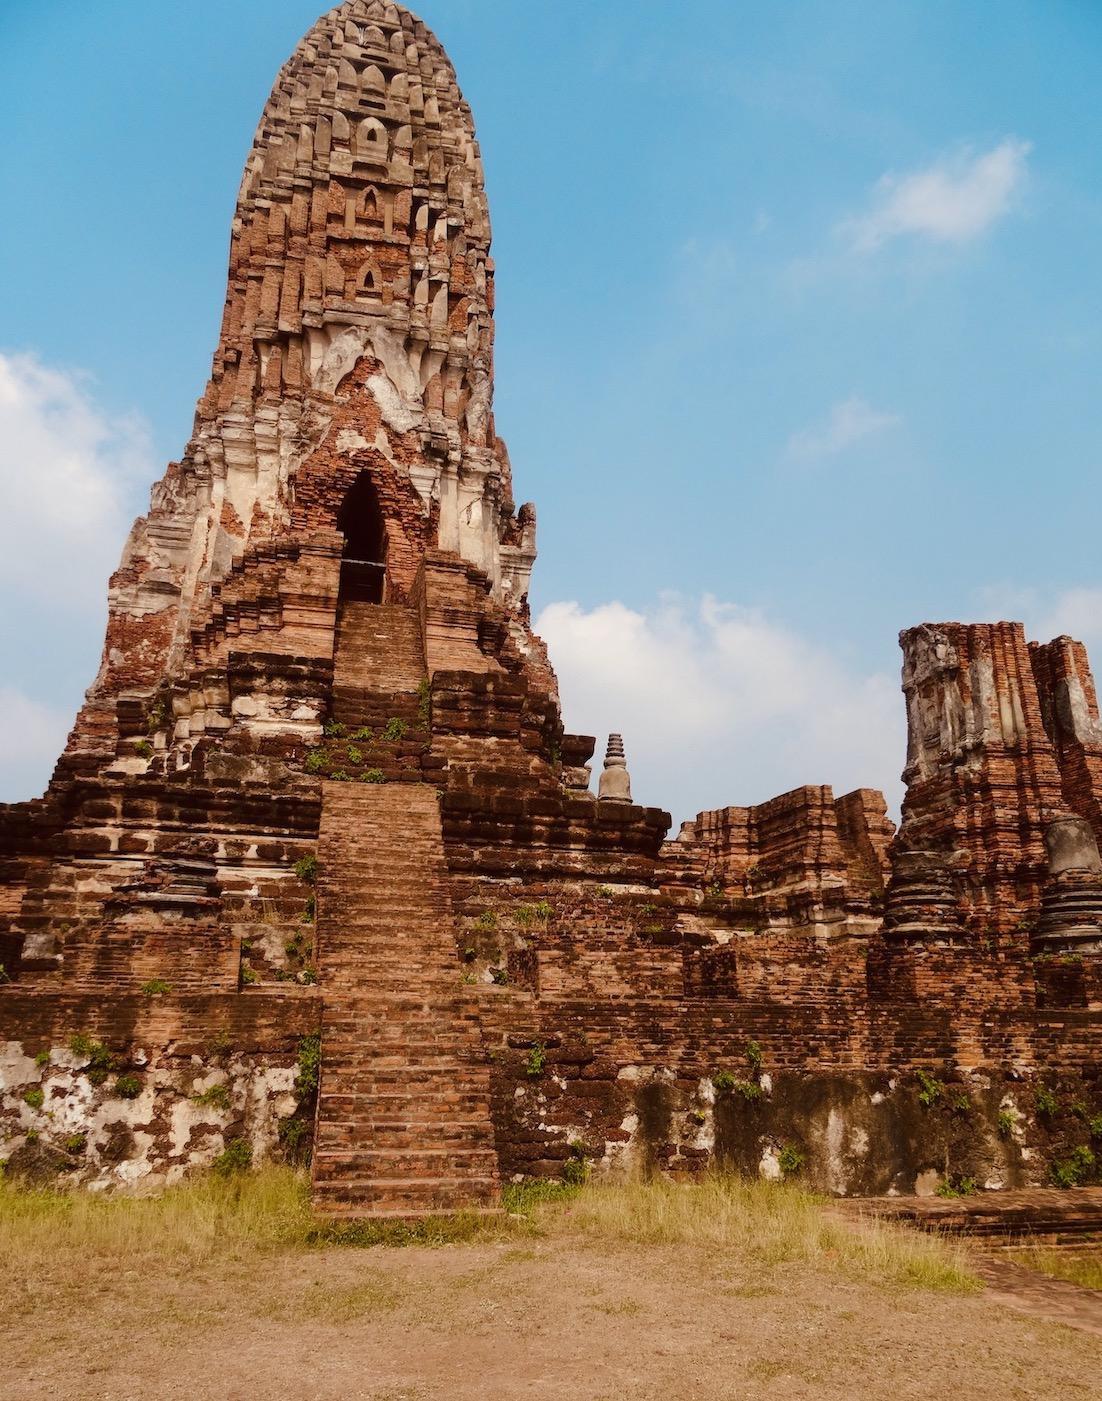 Main pagoda Wat Phra Ram.